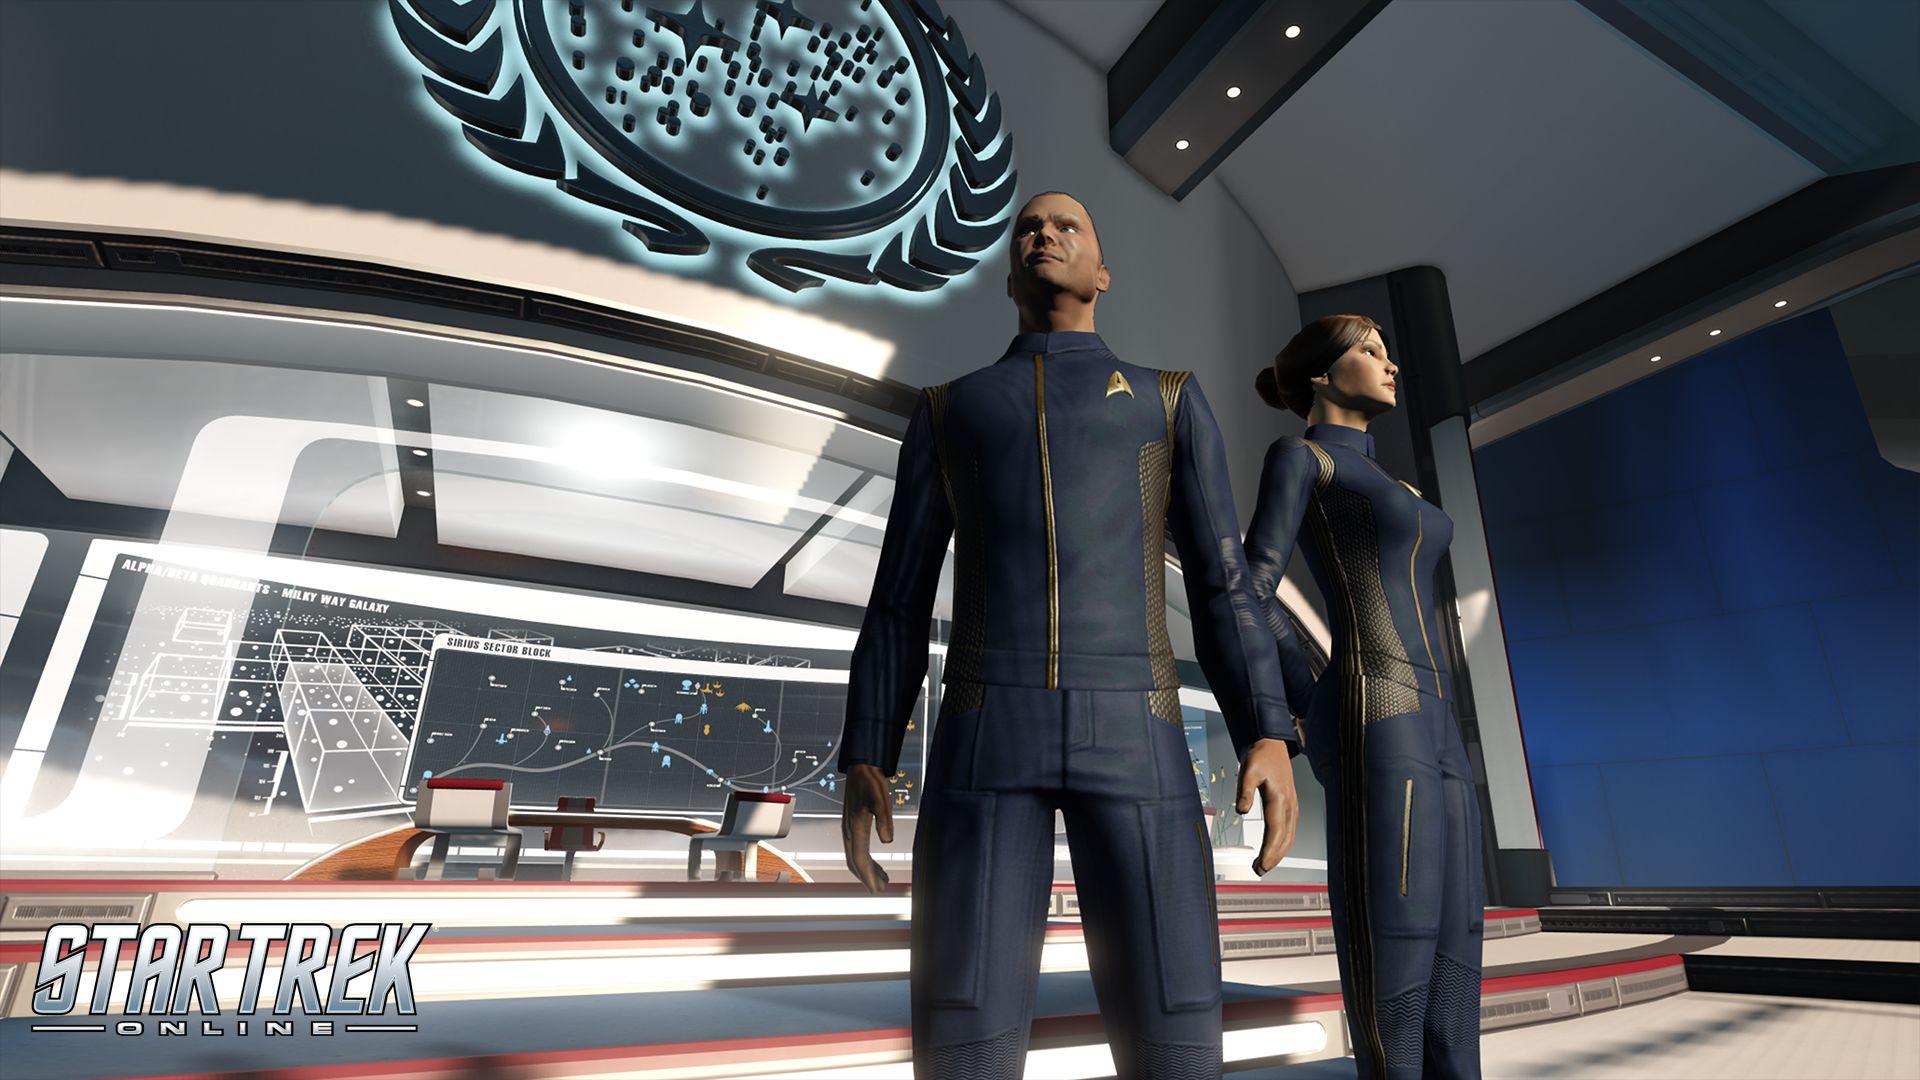 Star Trek Online schenkt euch Uniformen aus der Netflix-Serie Discovery